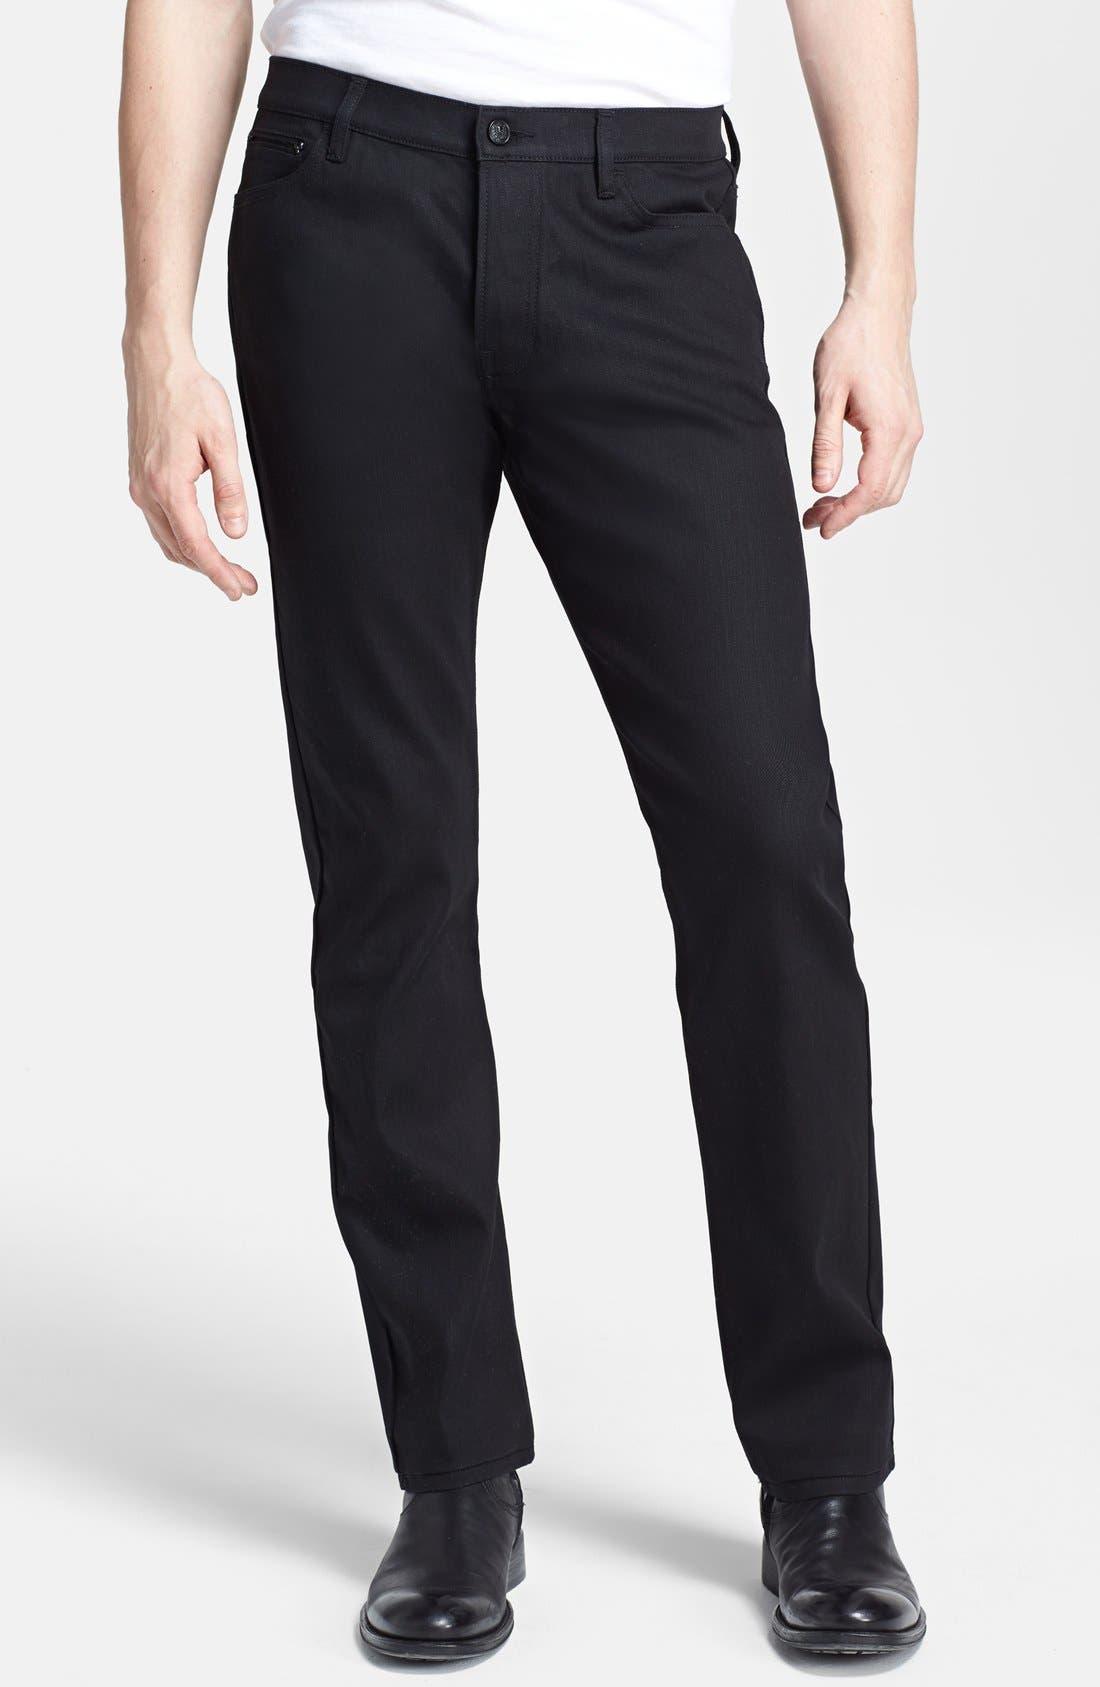 Alternate Image 1 Selected - The Kooples 'Core' Slim Fit Pants